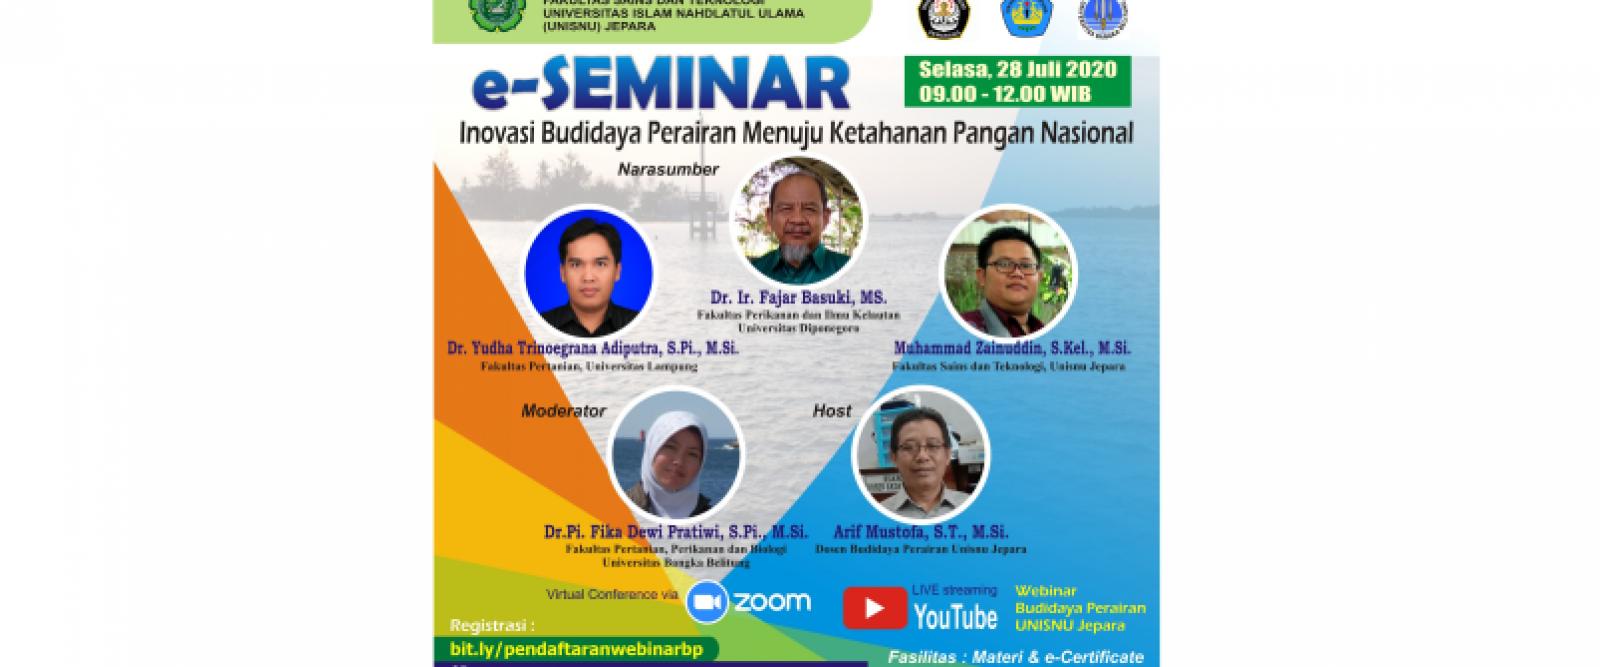 e-Seminar Budidaya Perairan UNISNU 2020